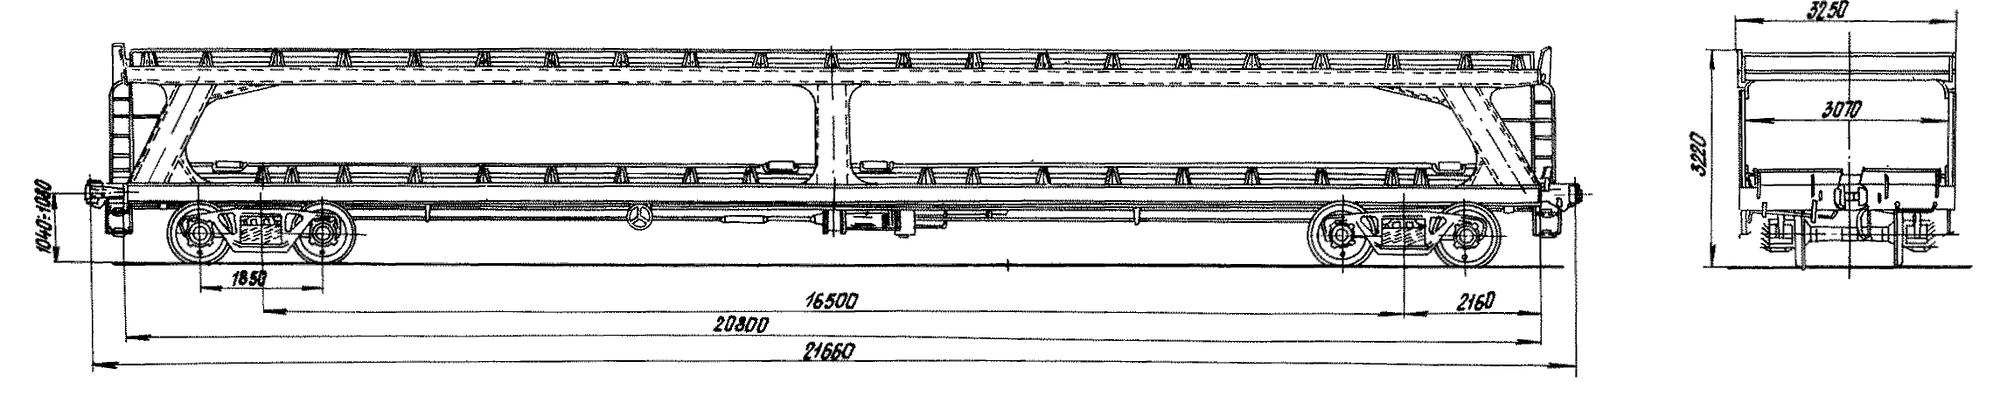 4-осная двухярусная платформа для легковых автомобилей